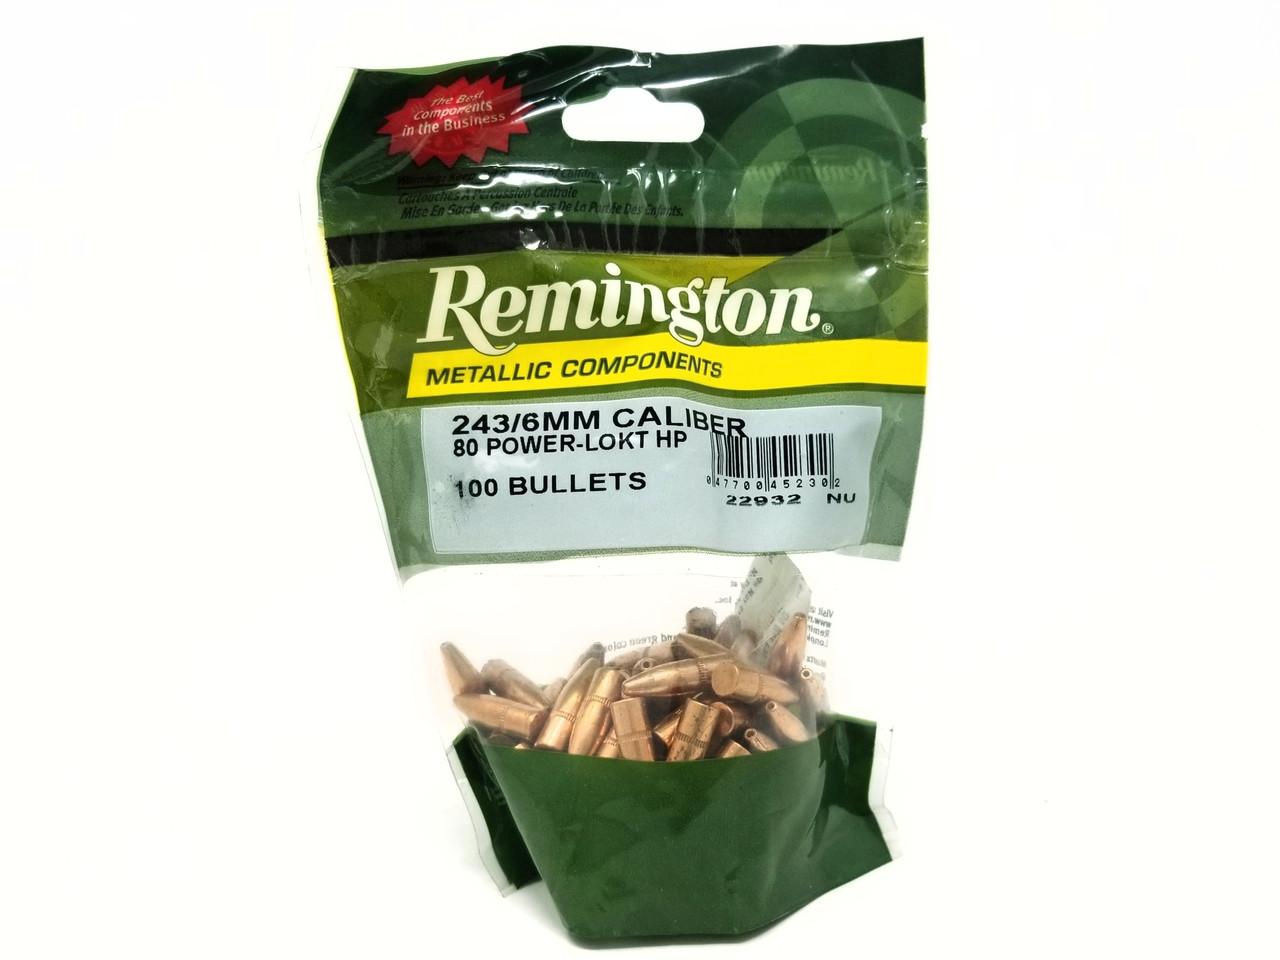 Remington 6mm ( 243 Dia) Reloading Bullets RB243P1 80 Grain Power-Lokt  Hollow Point 100 Pieces